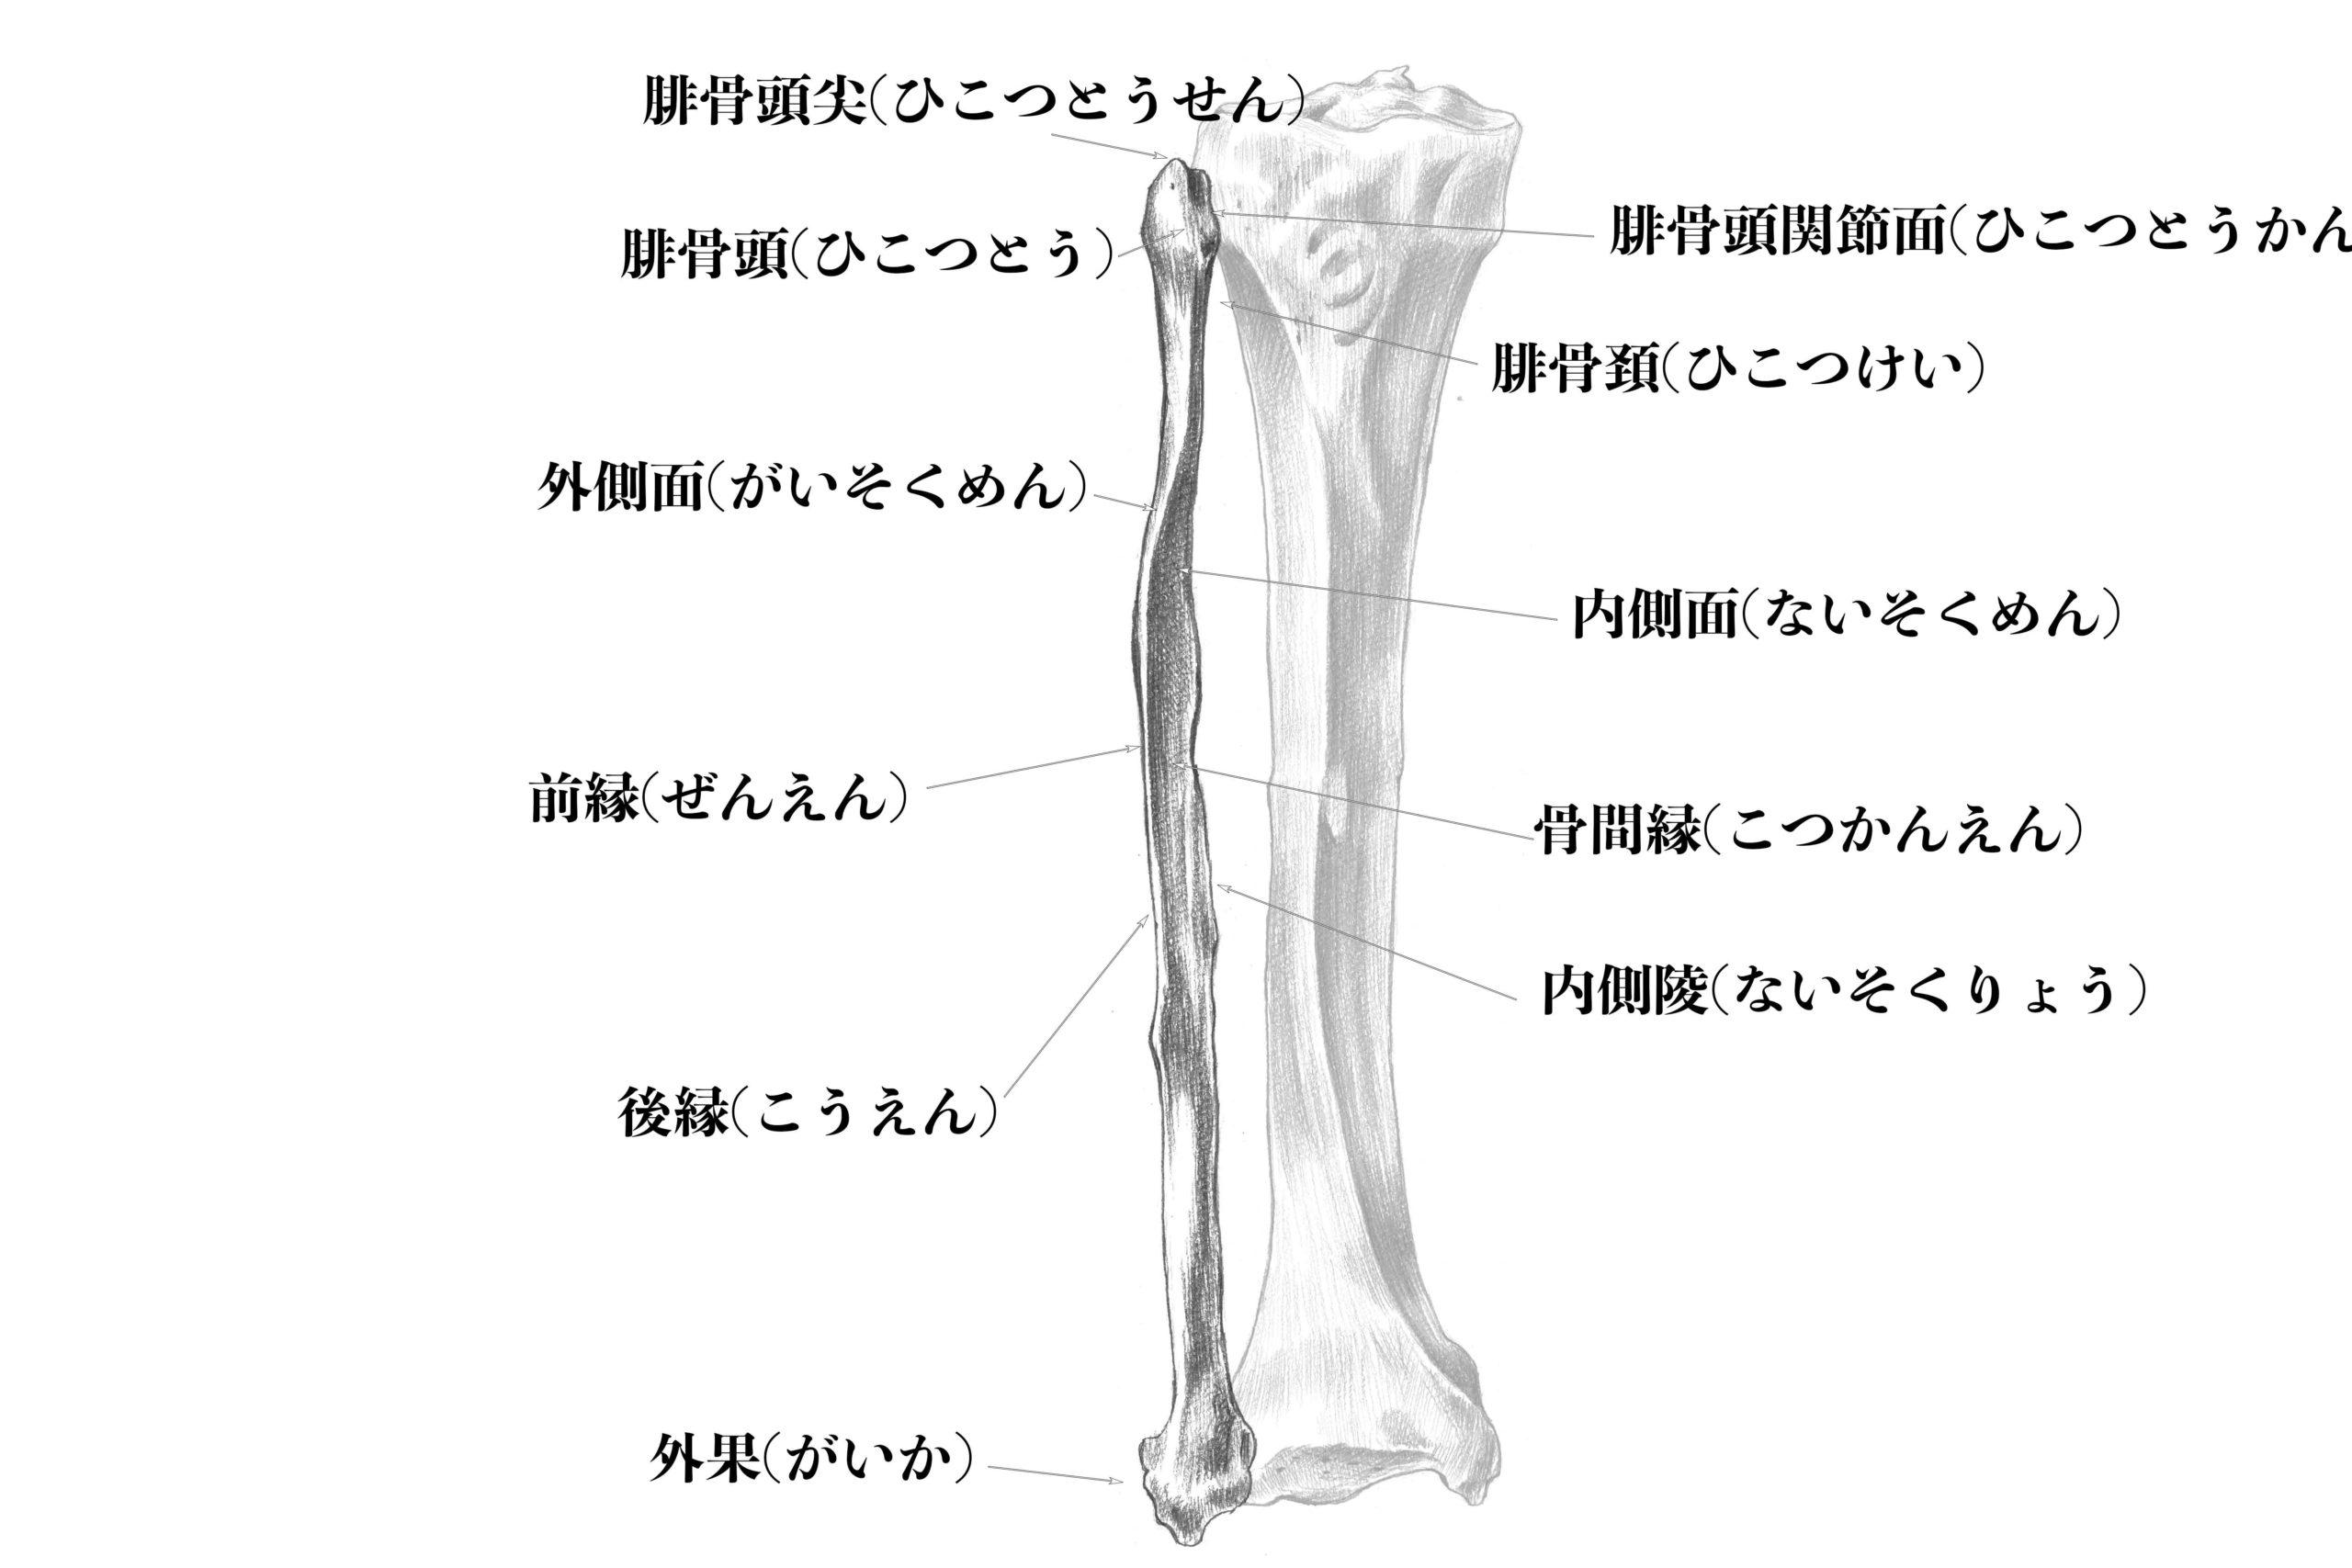 腓骨前面のスケッチ